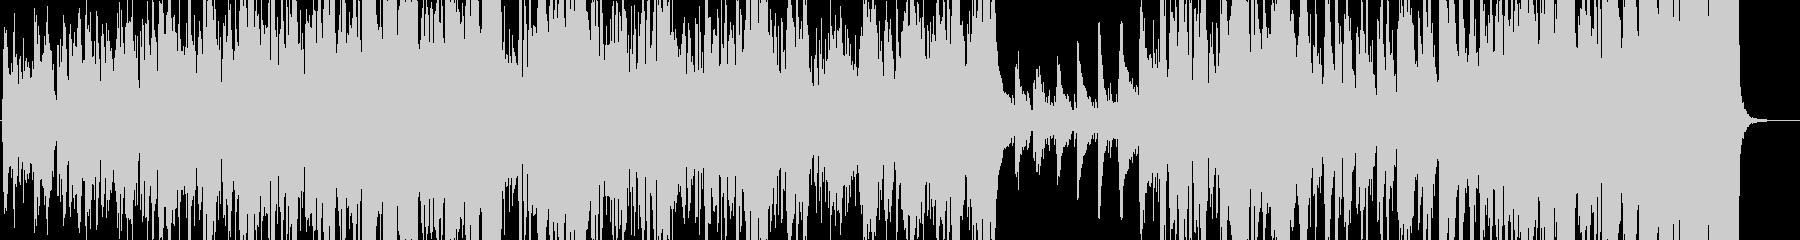 爽快で軽快なピアノトリオジャズの未再生の波形